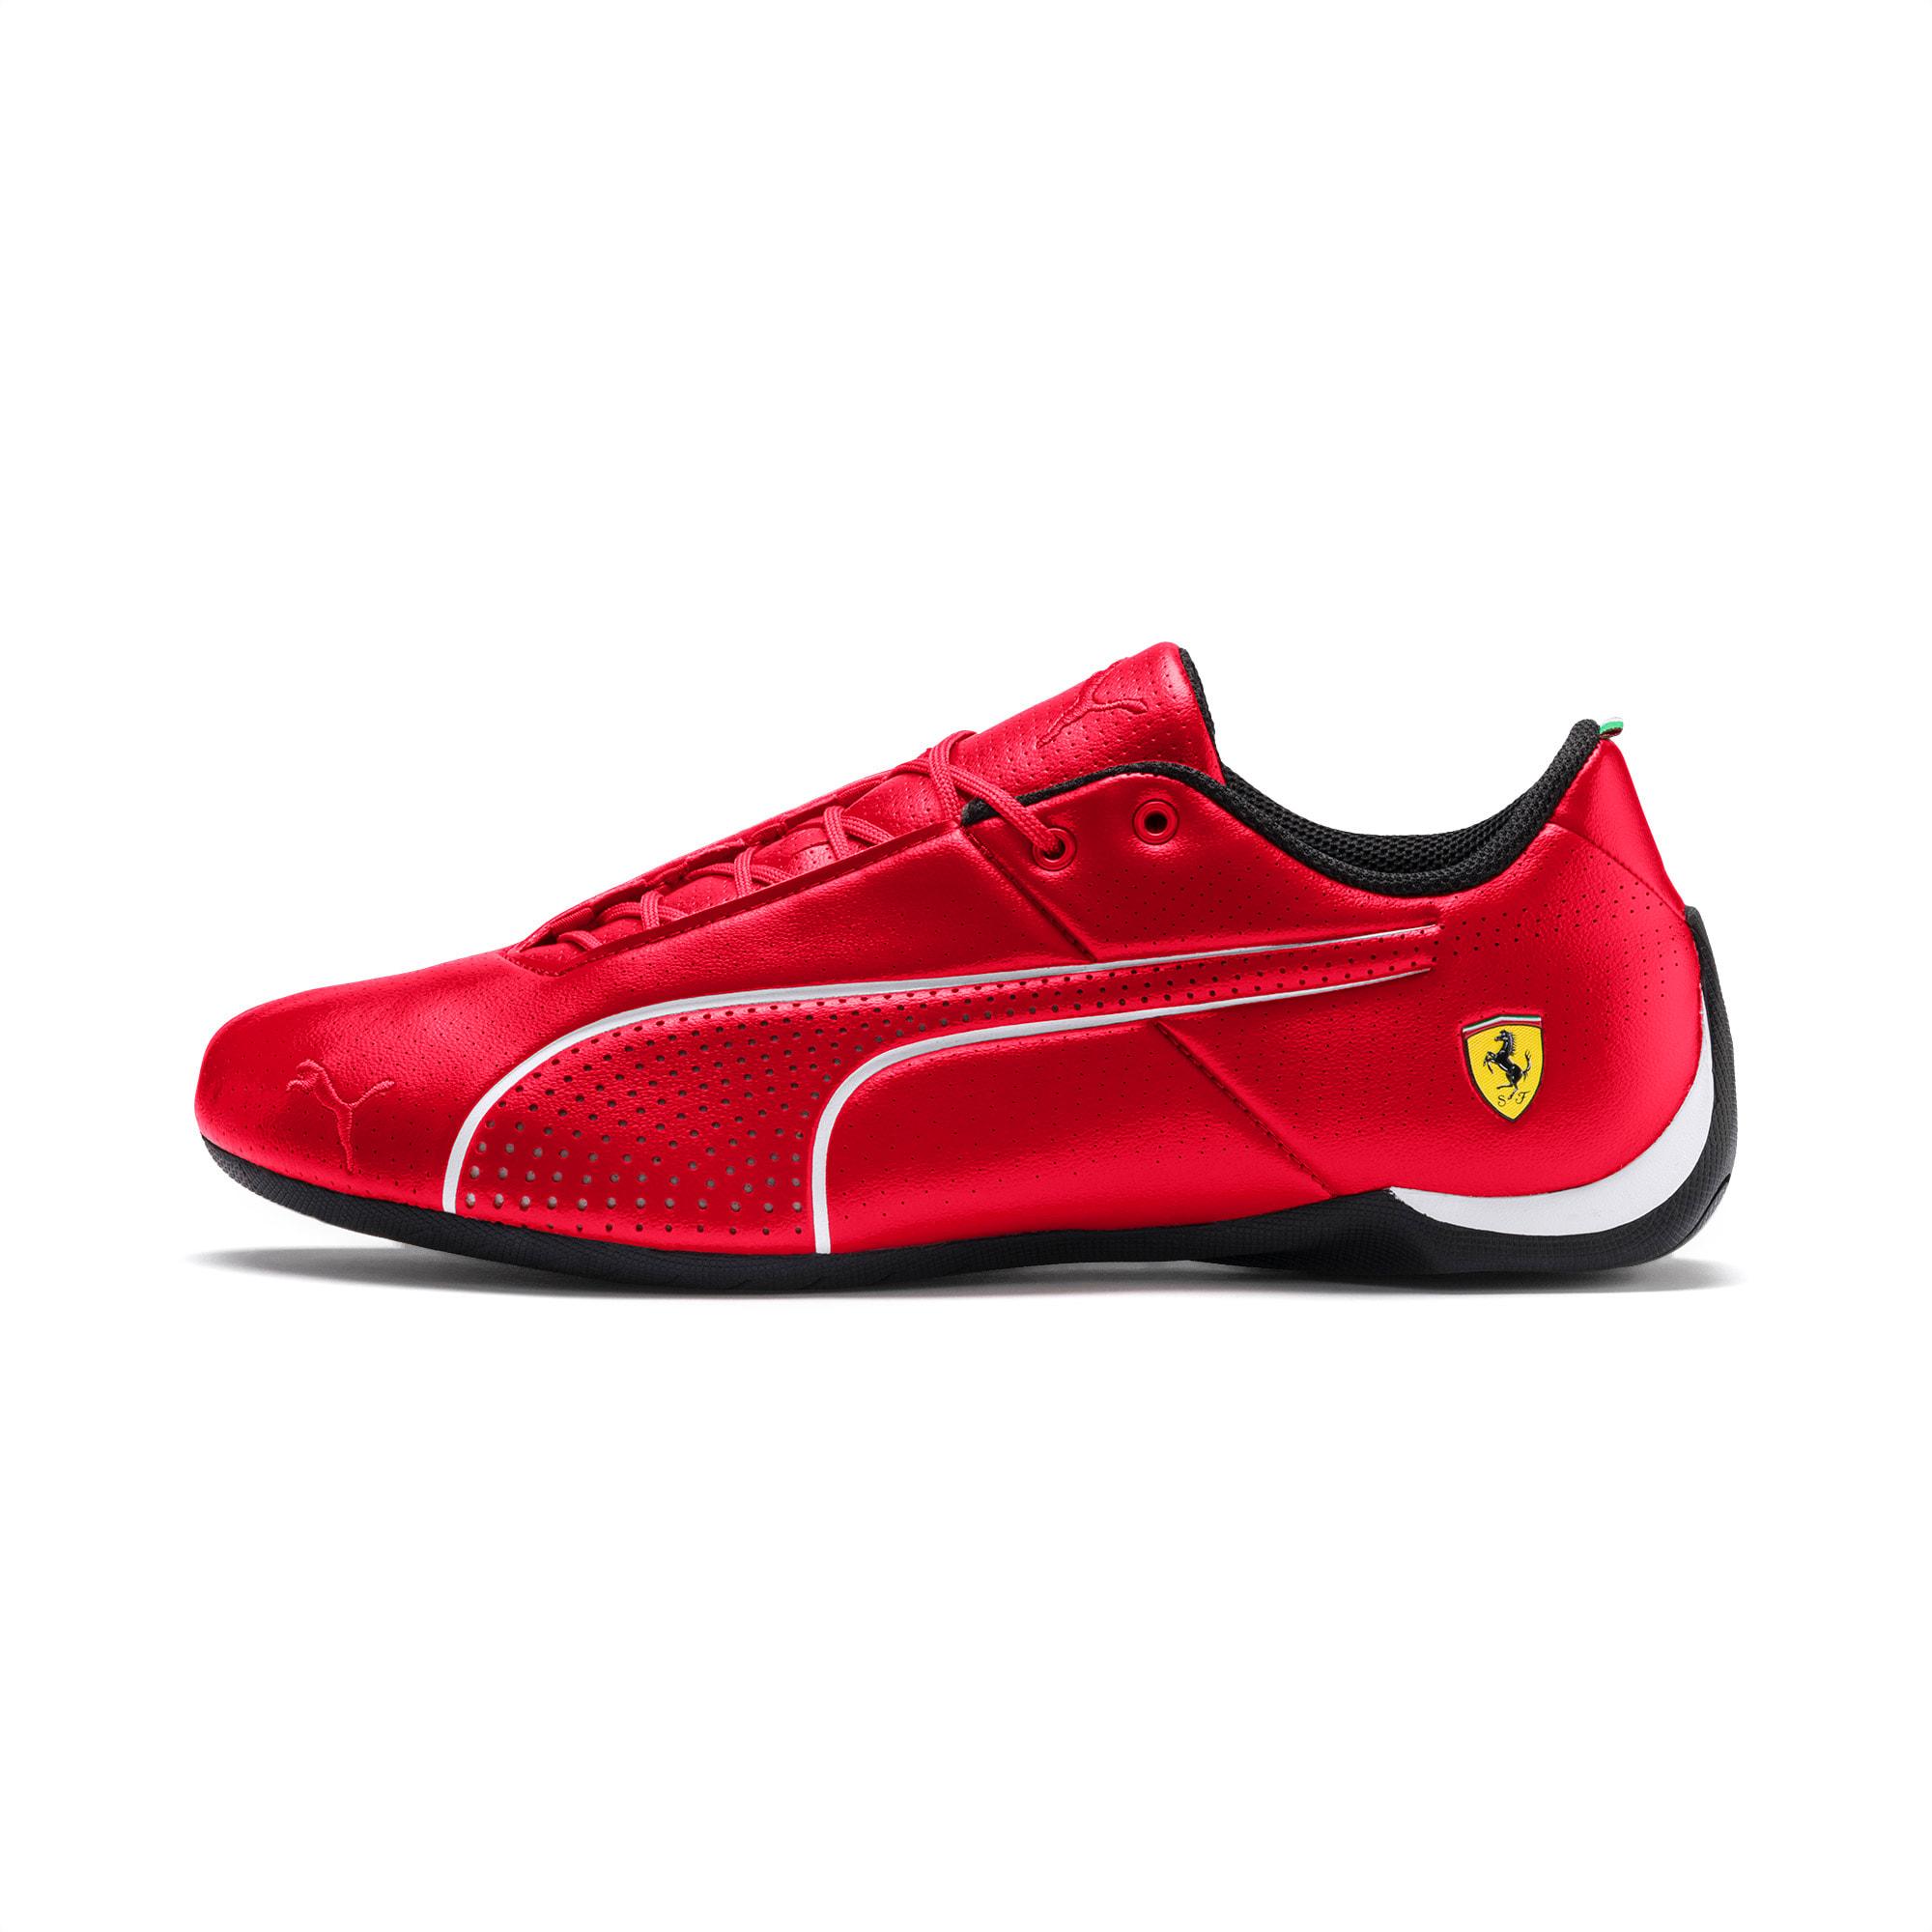 Scuderia Ferrari Future Cat Ultra Shoes